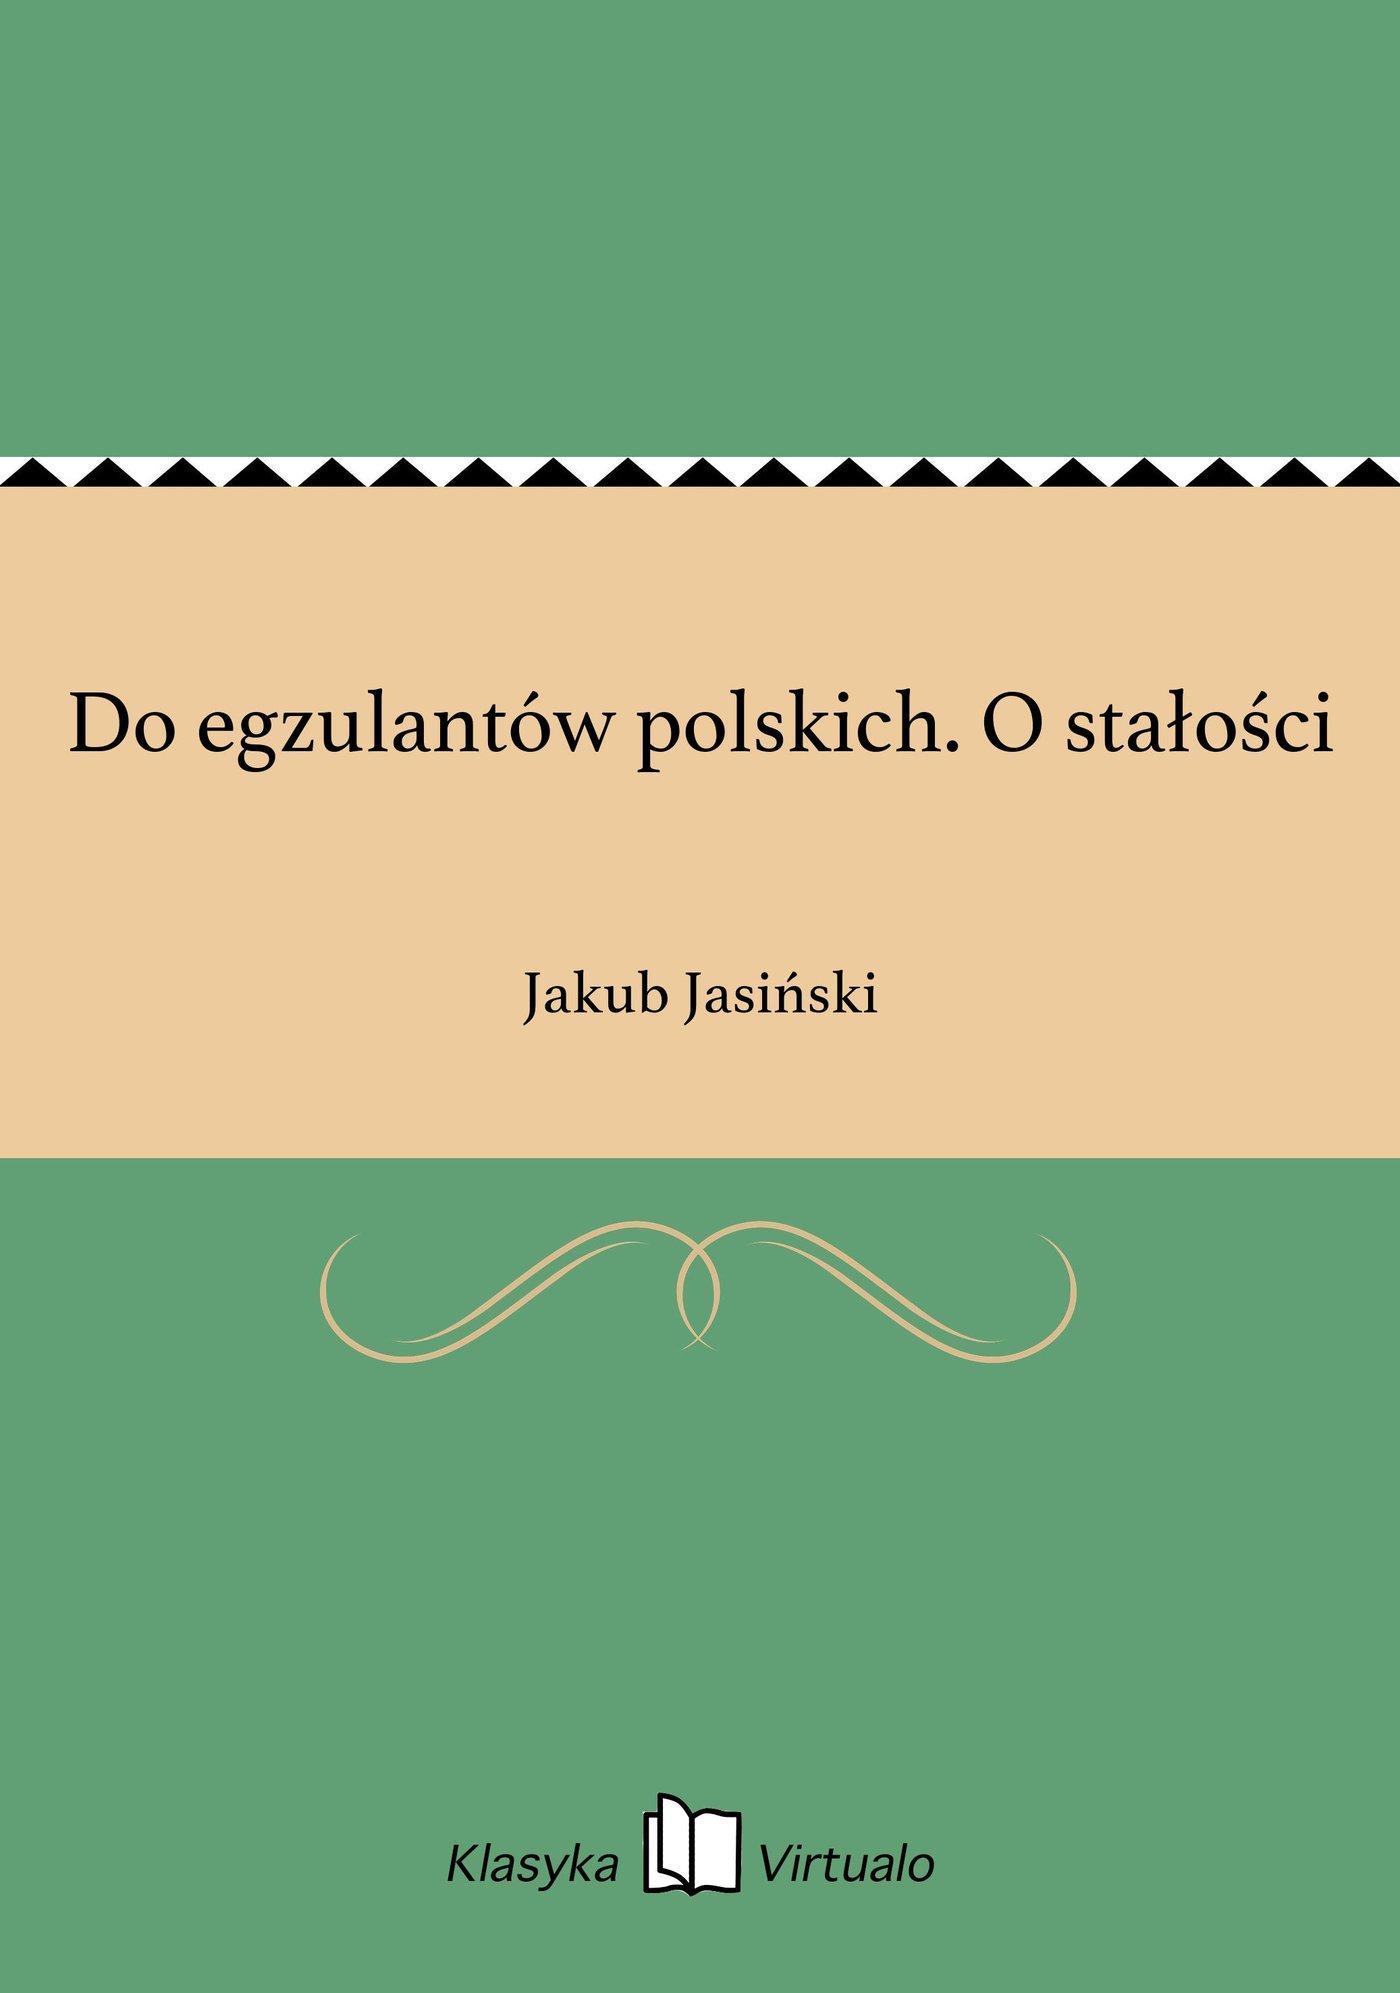 Do egzulantów polskich. O stałości - Ebook (Książka EPUB) do pobrania w formacie EPUB